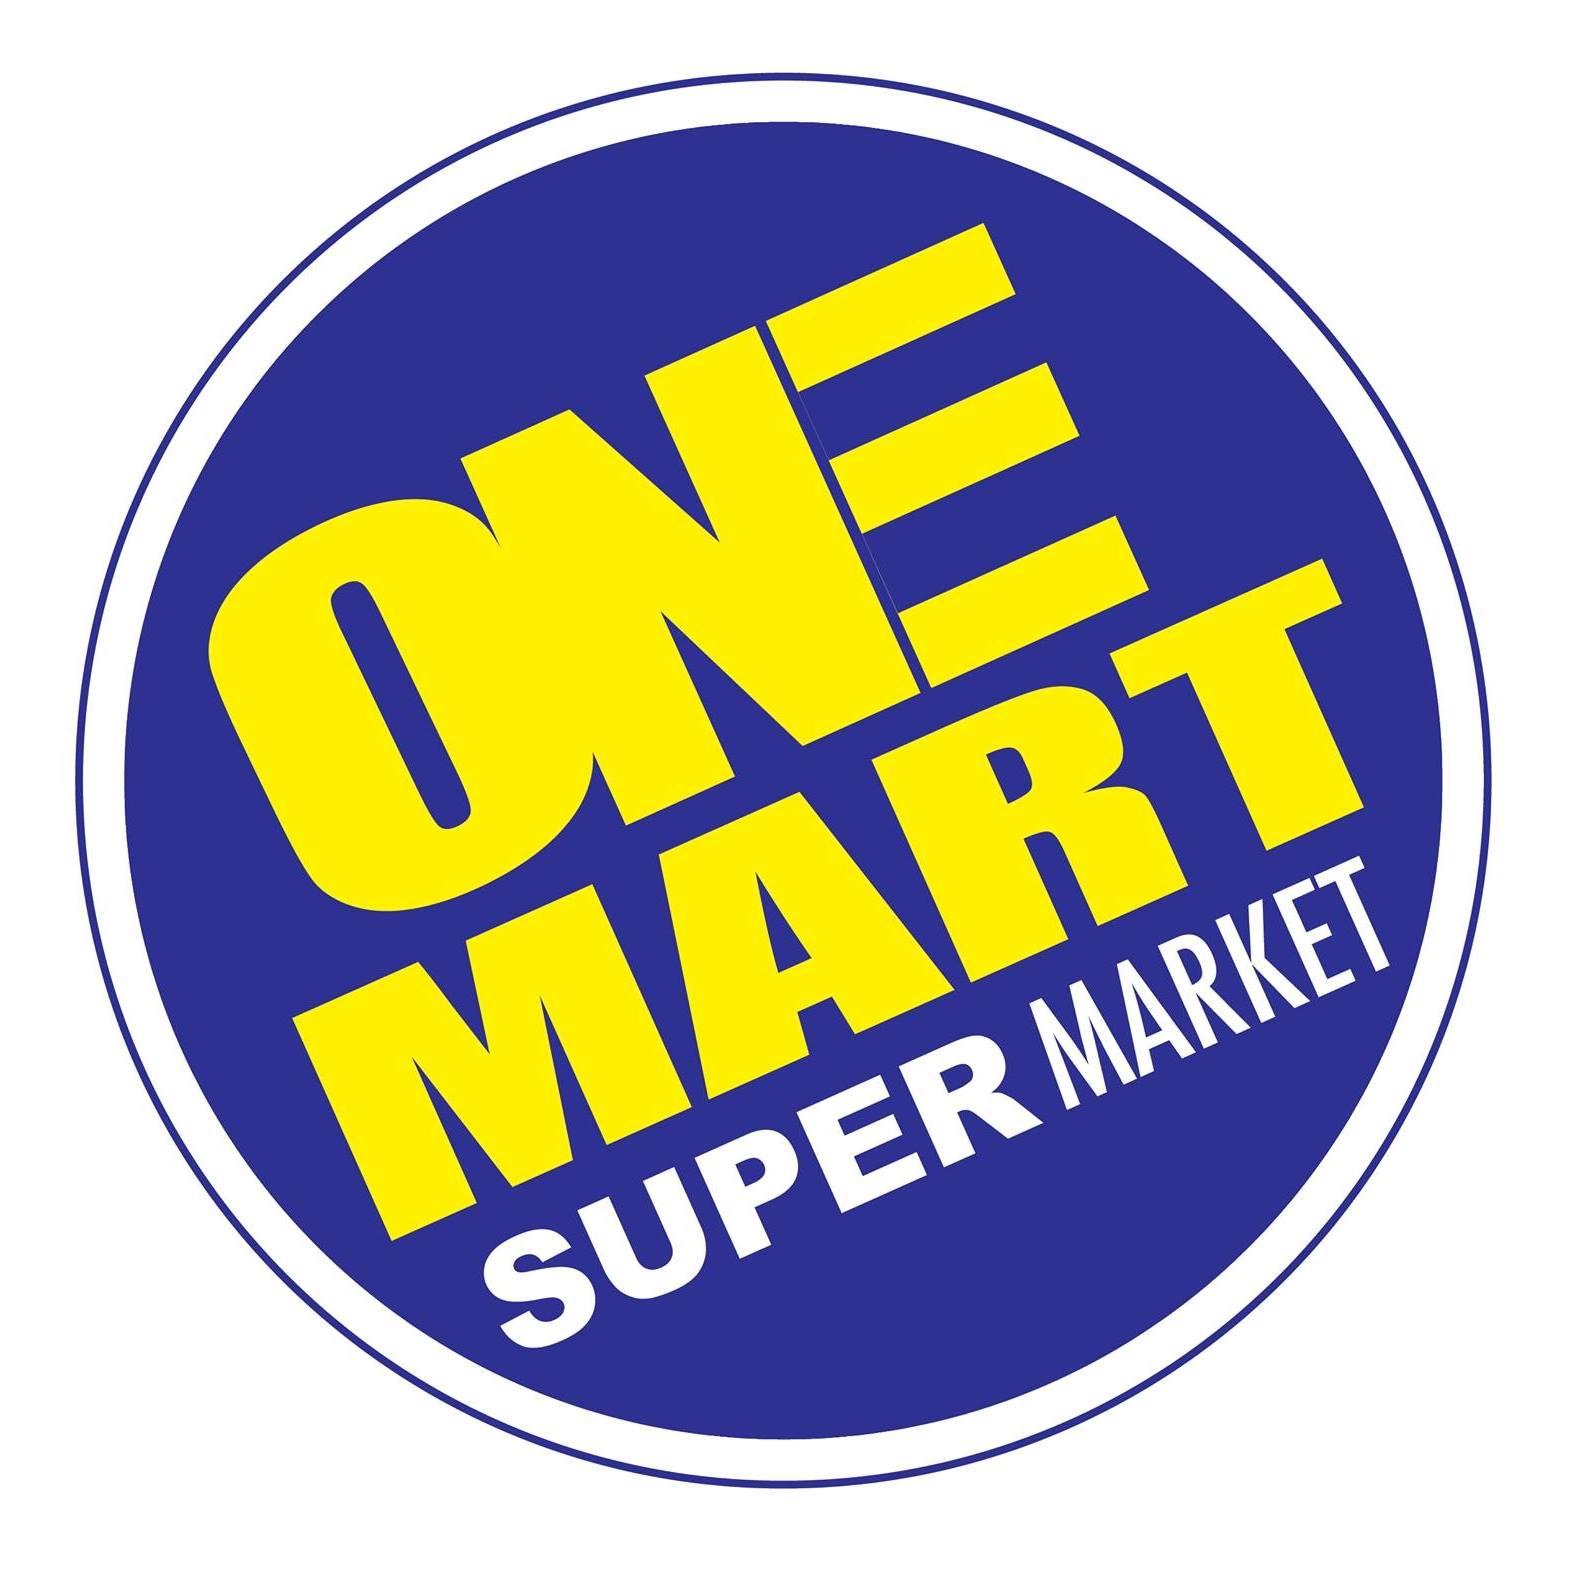 OneMart Supermarket